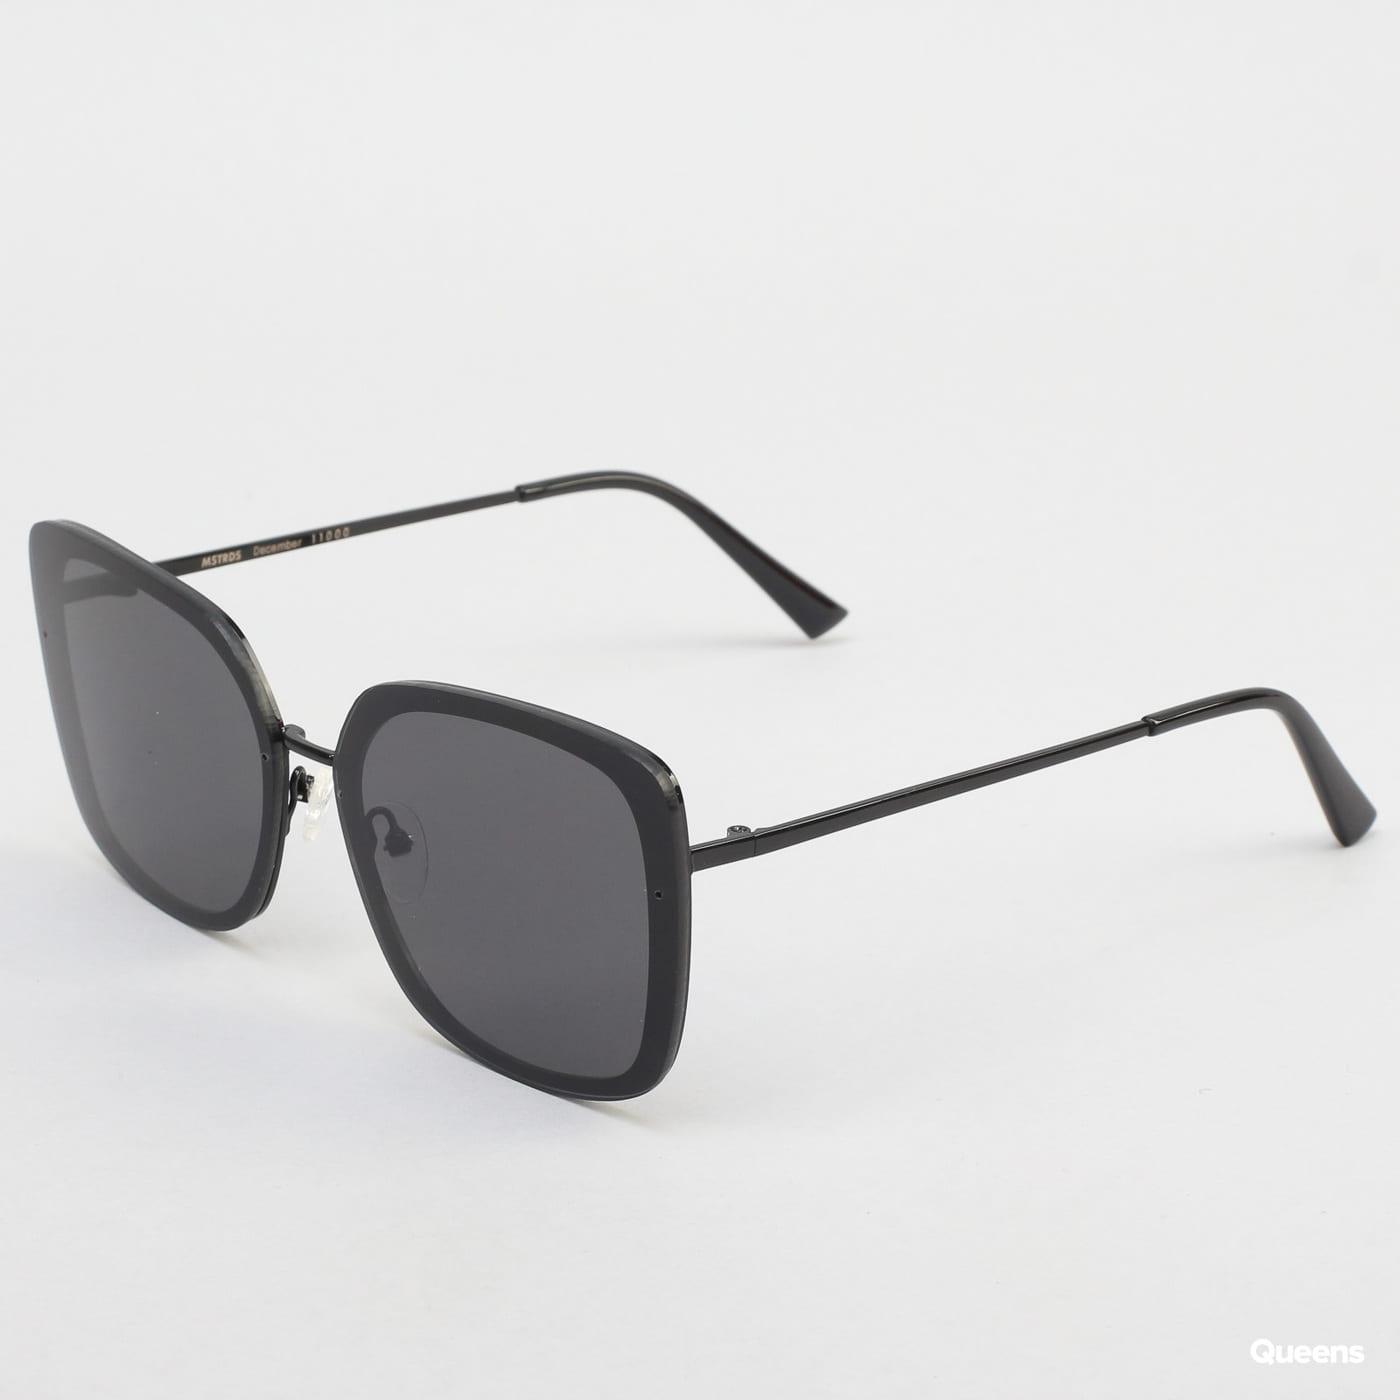 MD Sunglasses December čierne